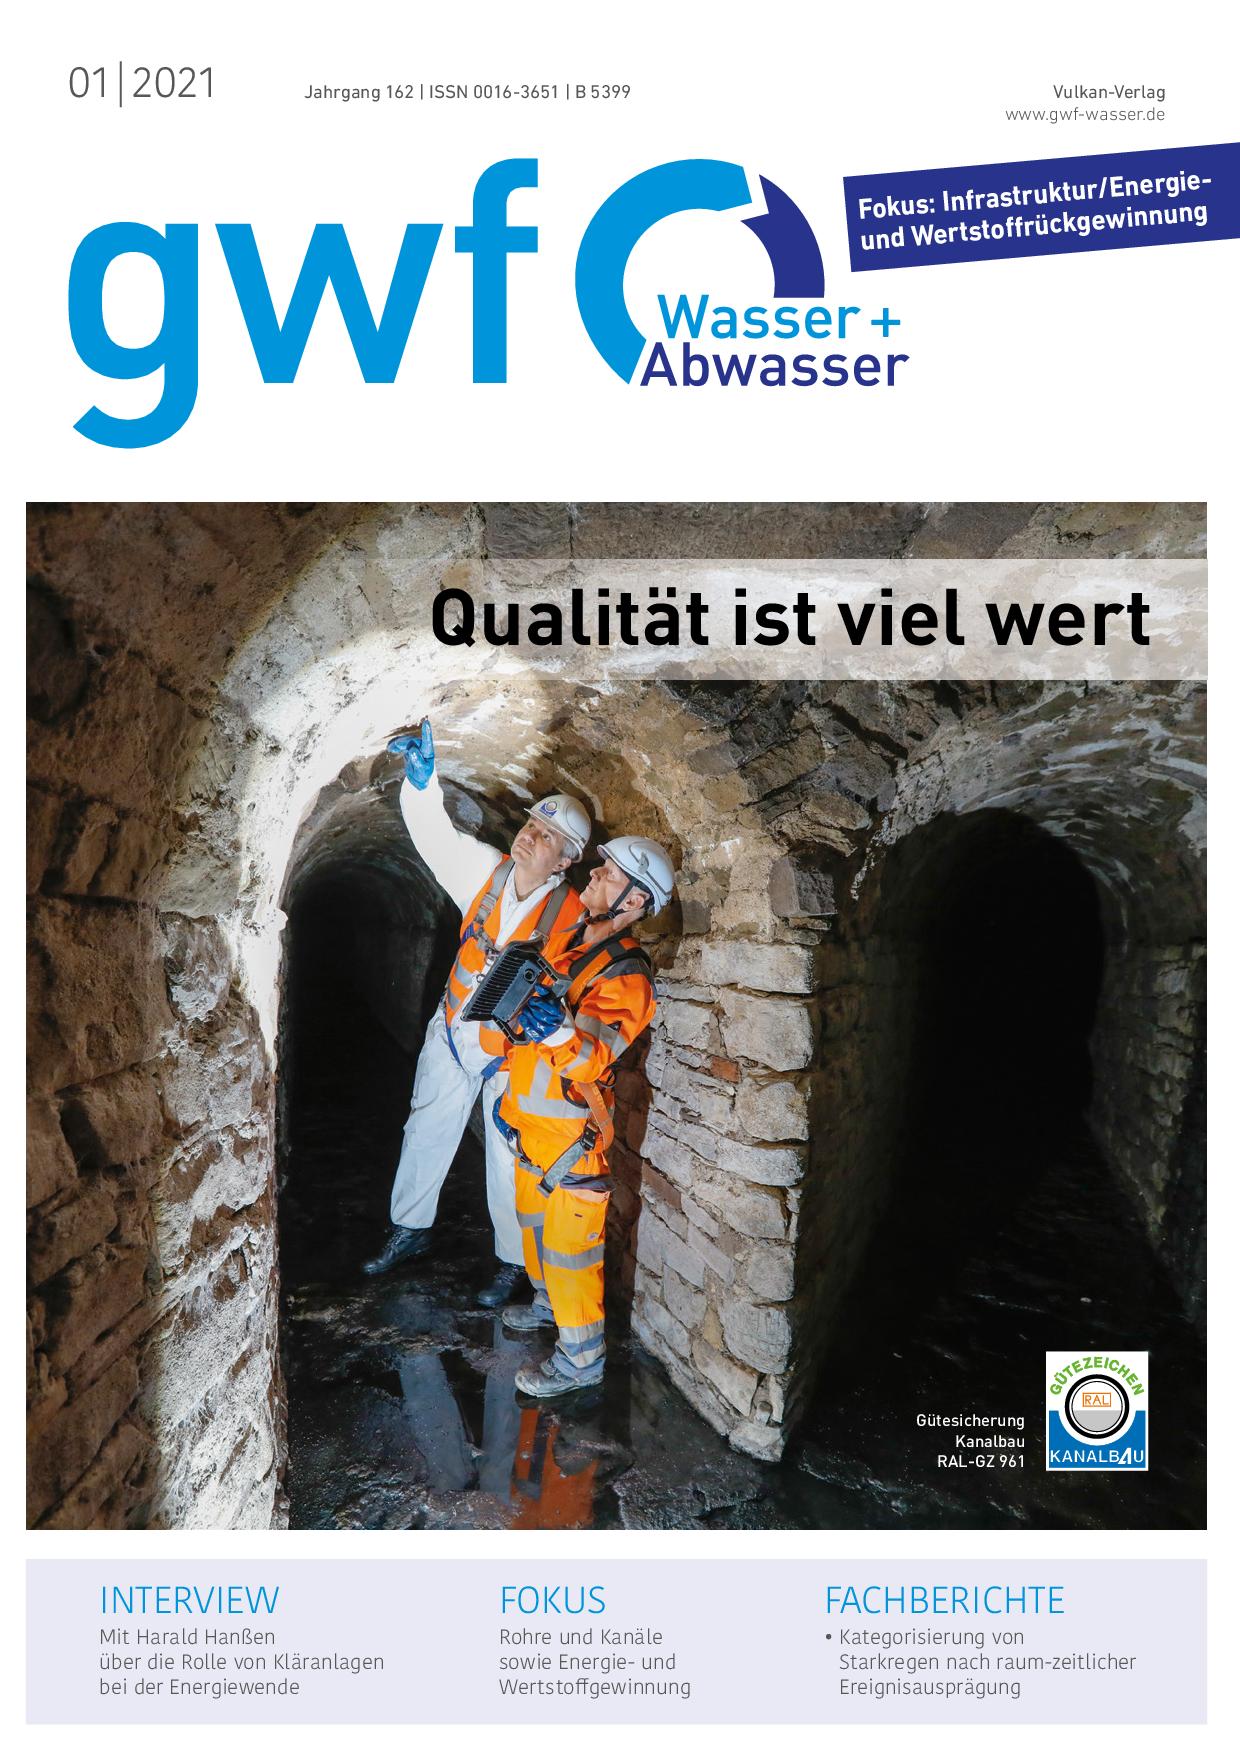 gwf – Wasser|Abwasser – 01 2021